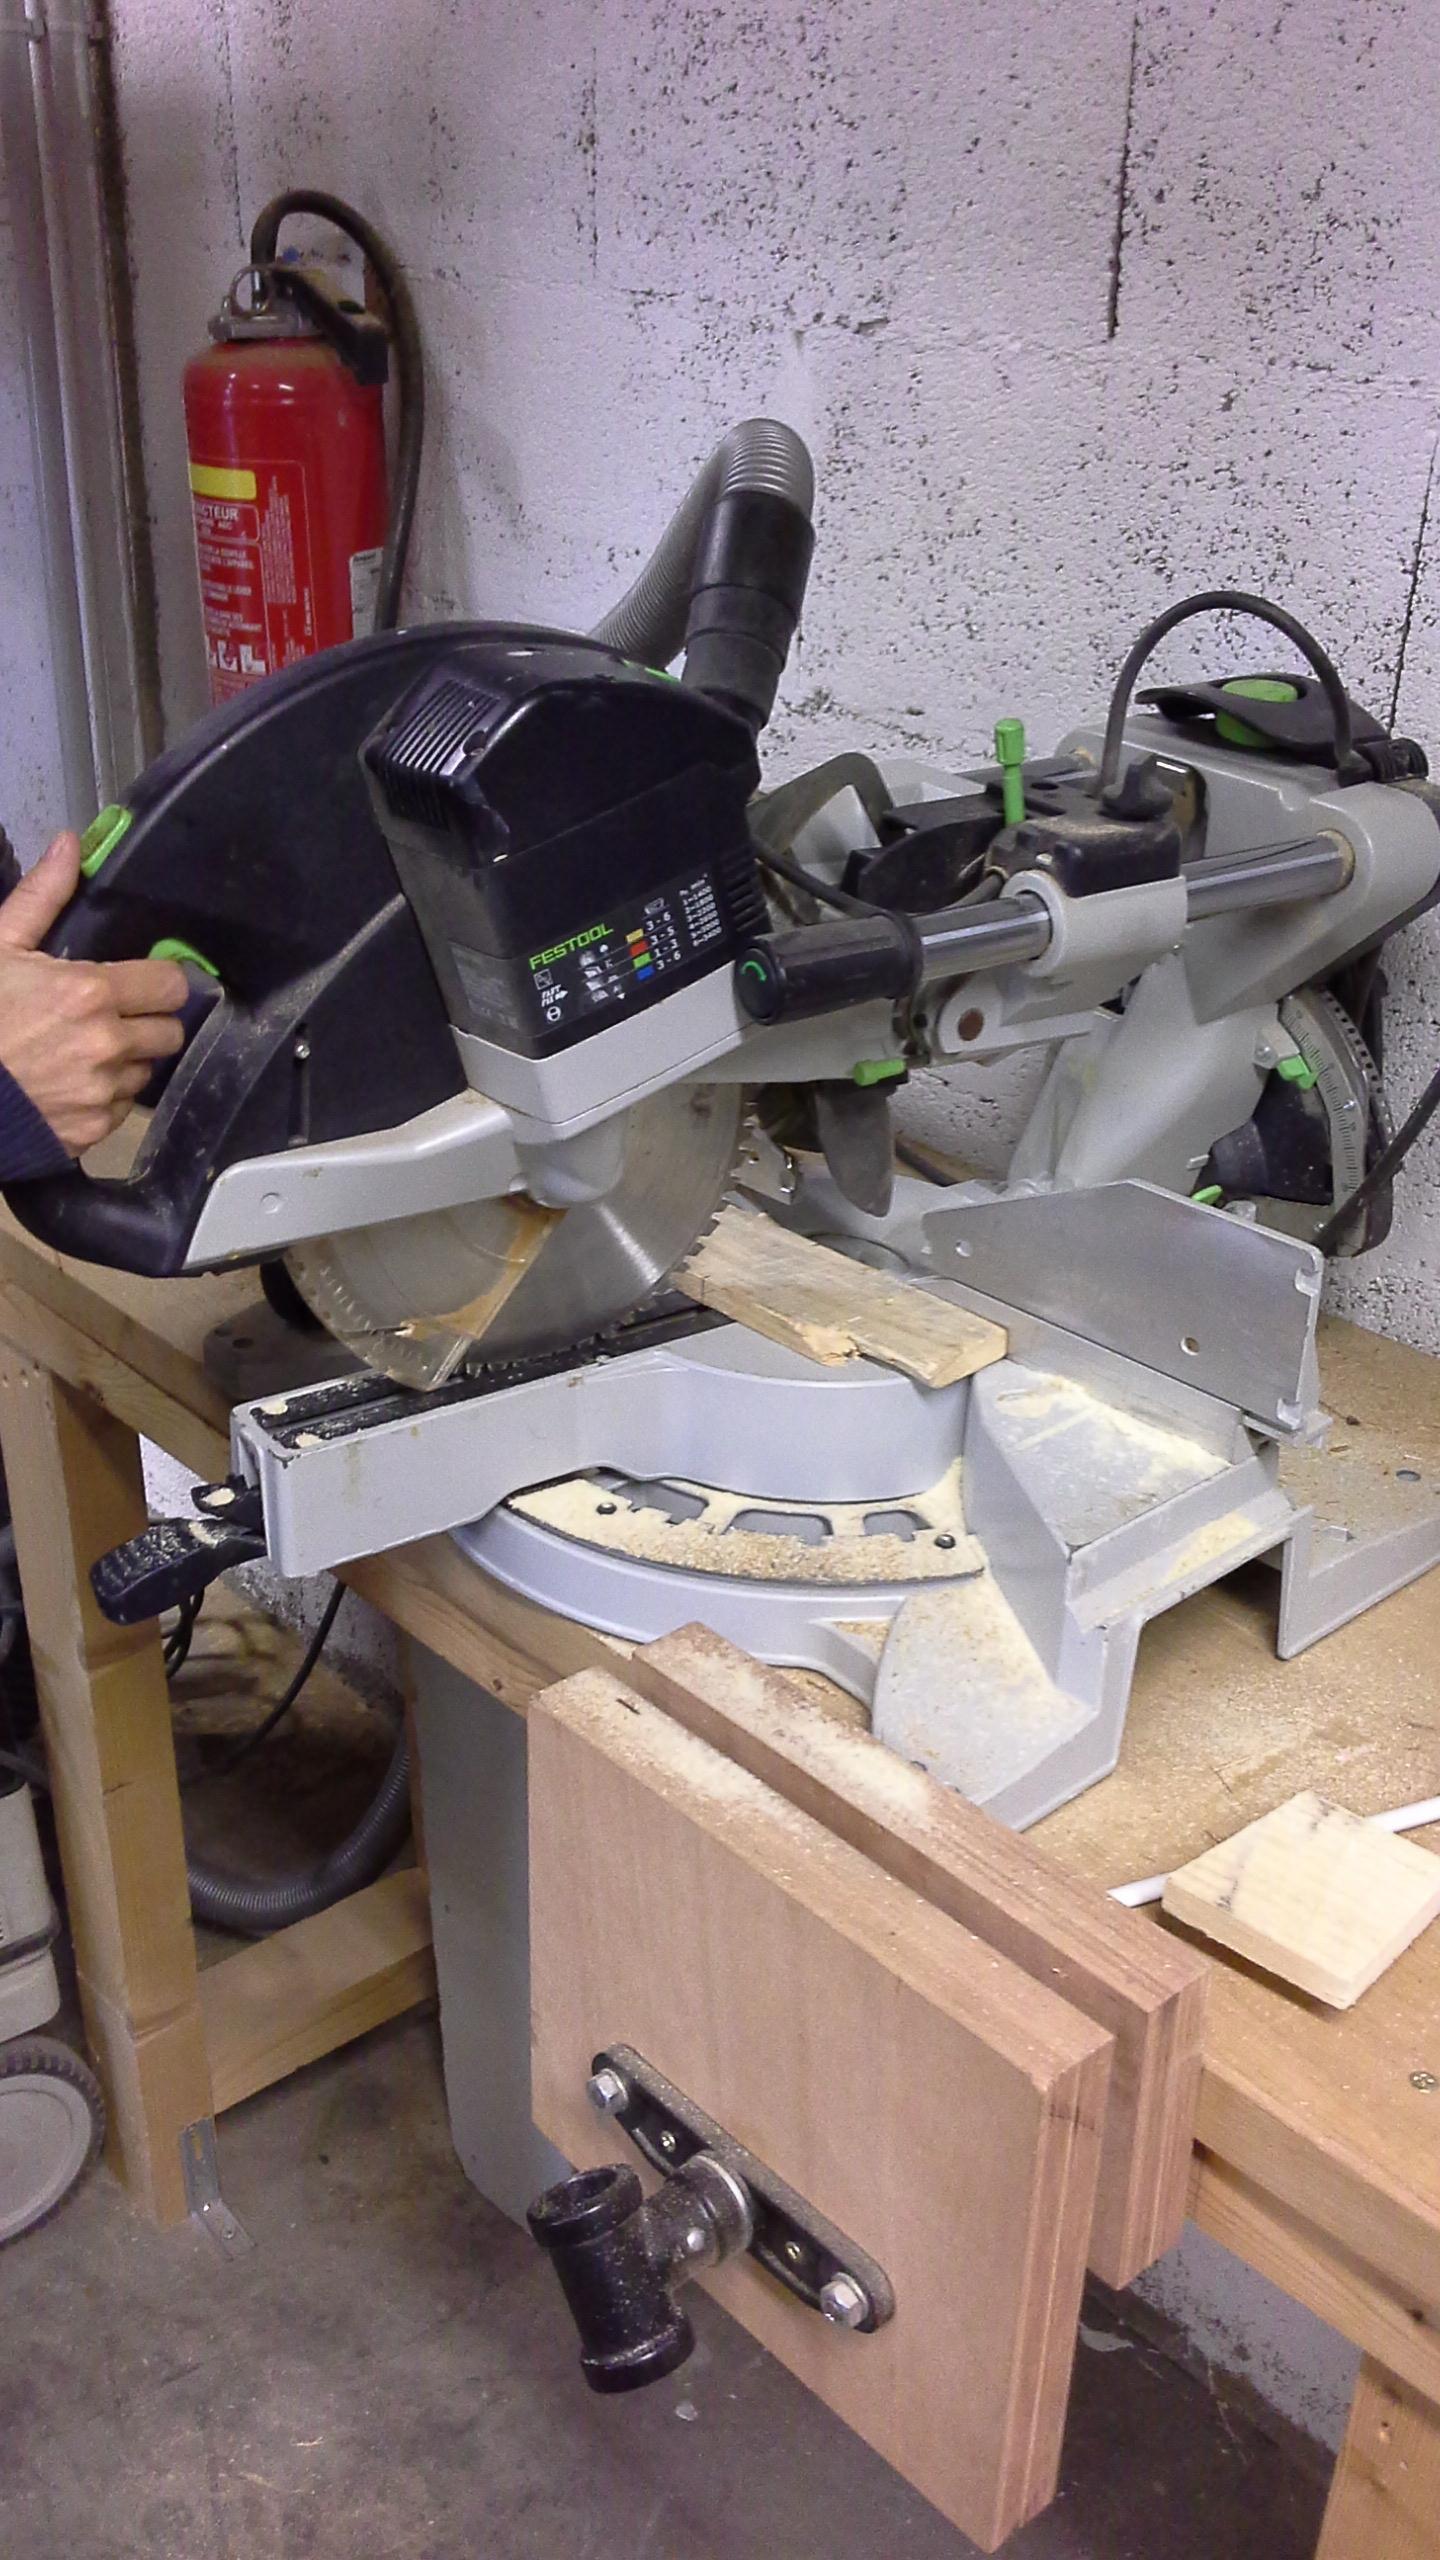 Les coupes sont réalisées à la scie à onglet.jpg